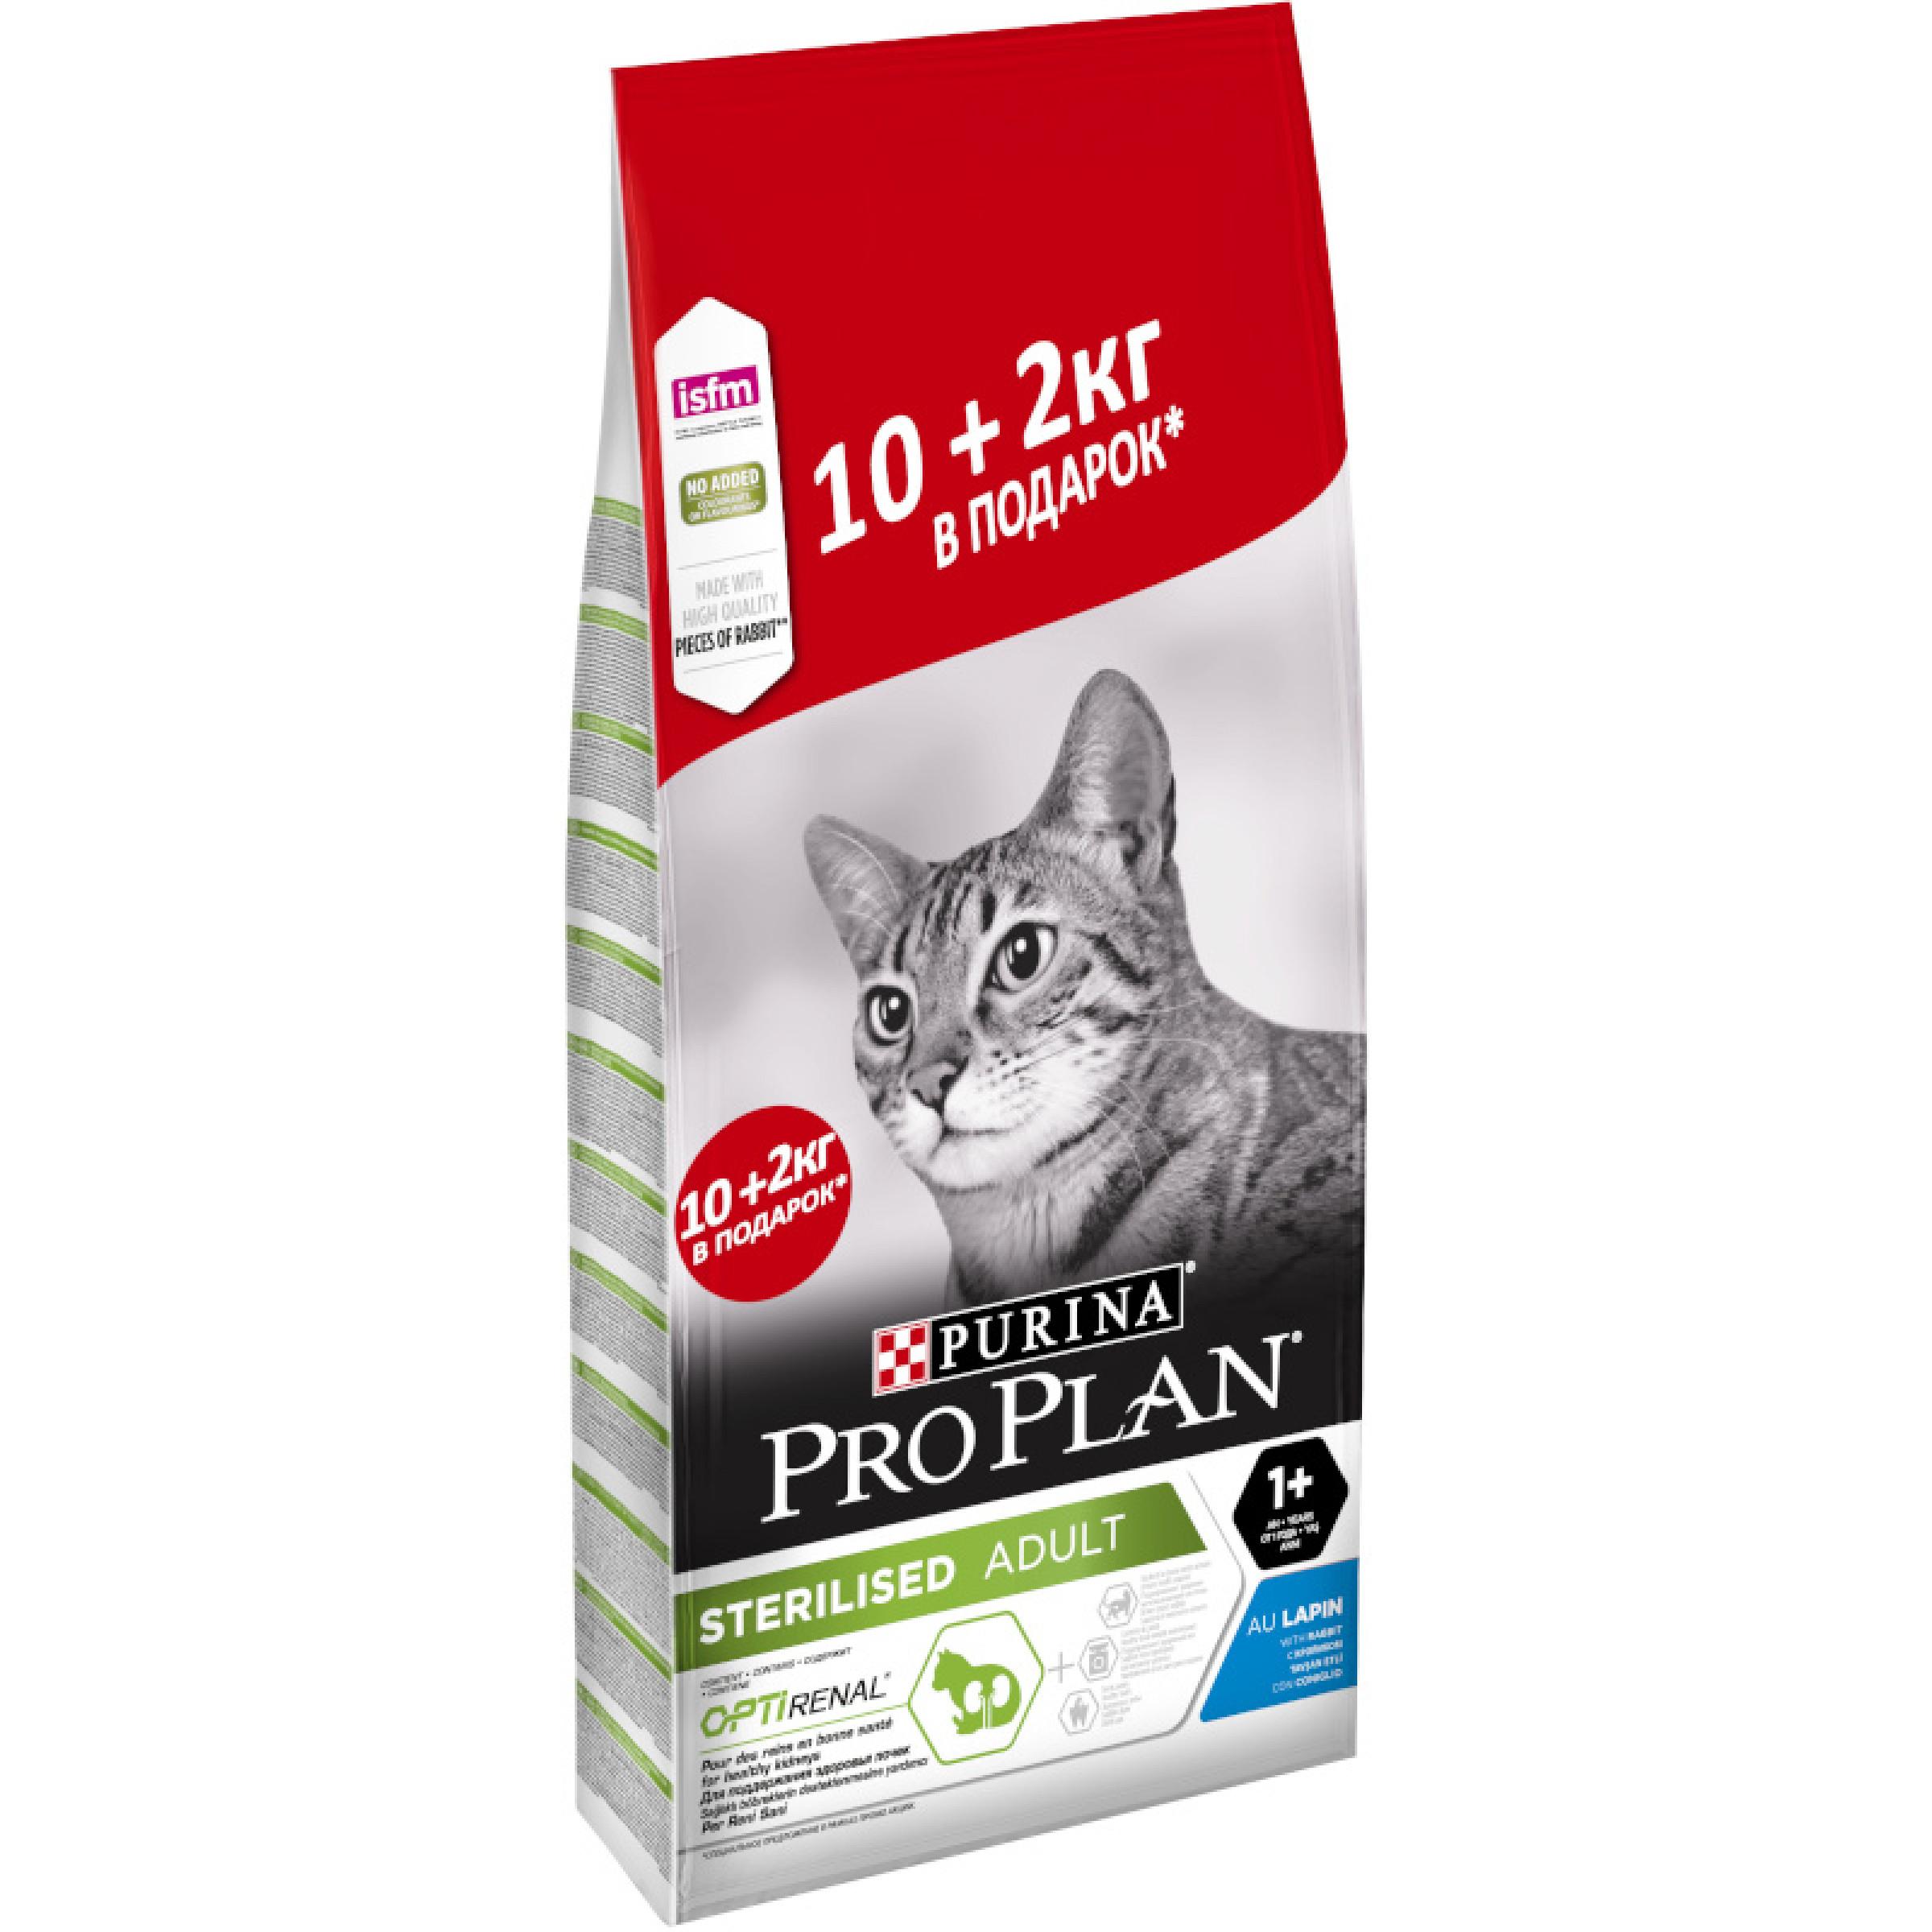 Сухой корм Purina Pro Plan для стерилизованных кошек и кастрированных котов, с кроликом, 10кг+2 кг в подарок